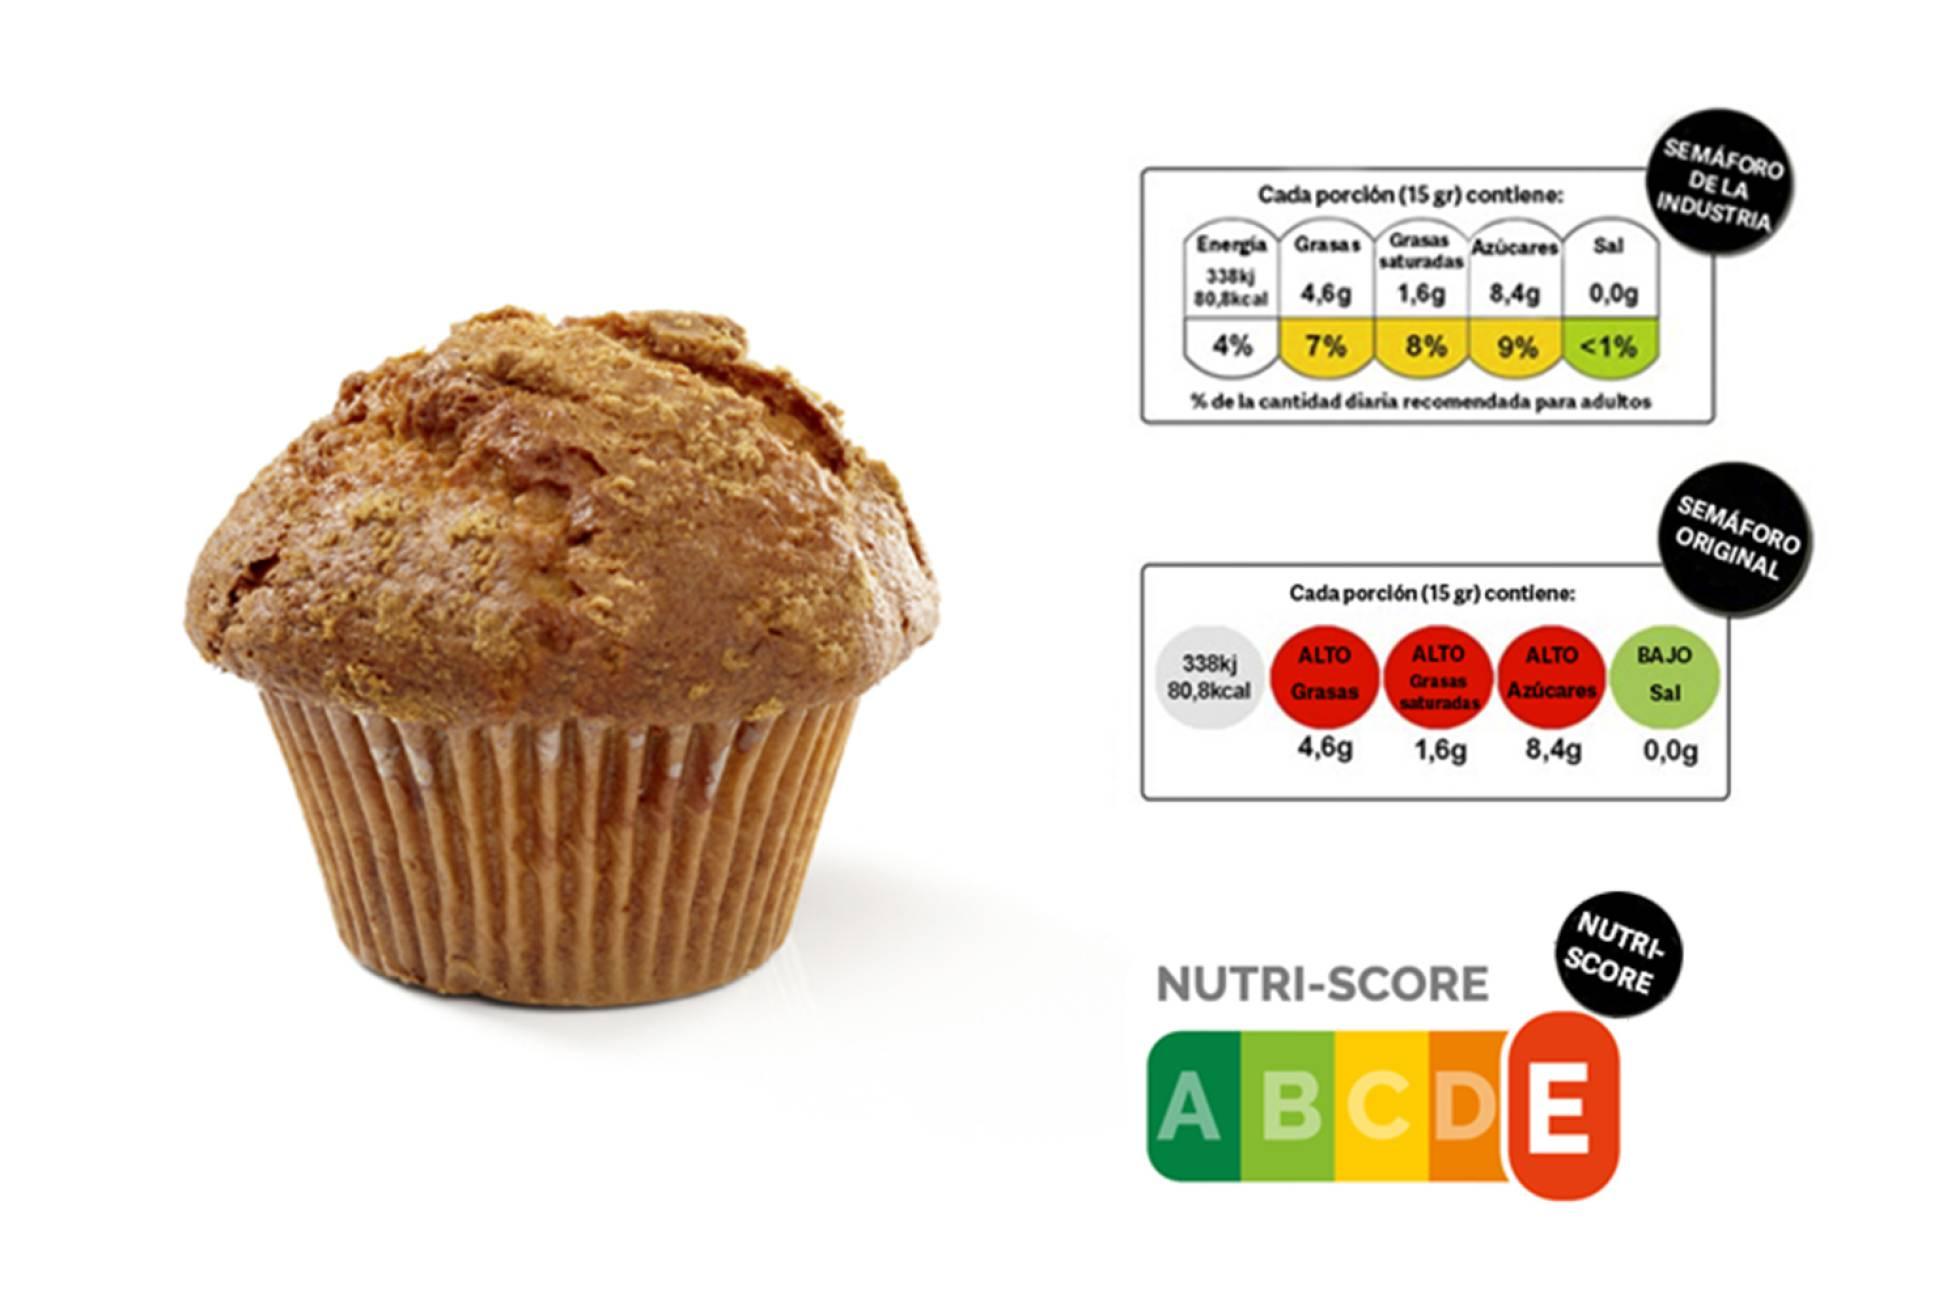 Новая система маркировки продуктов в Испании: преимущества и недостатки кодировки NutriScore